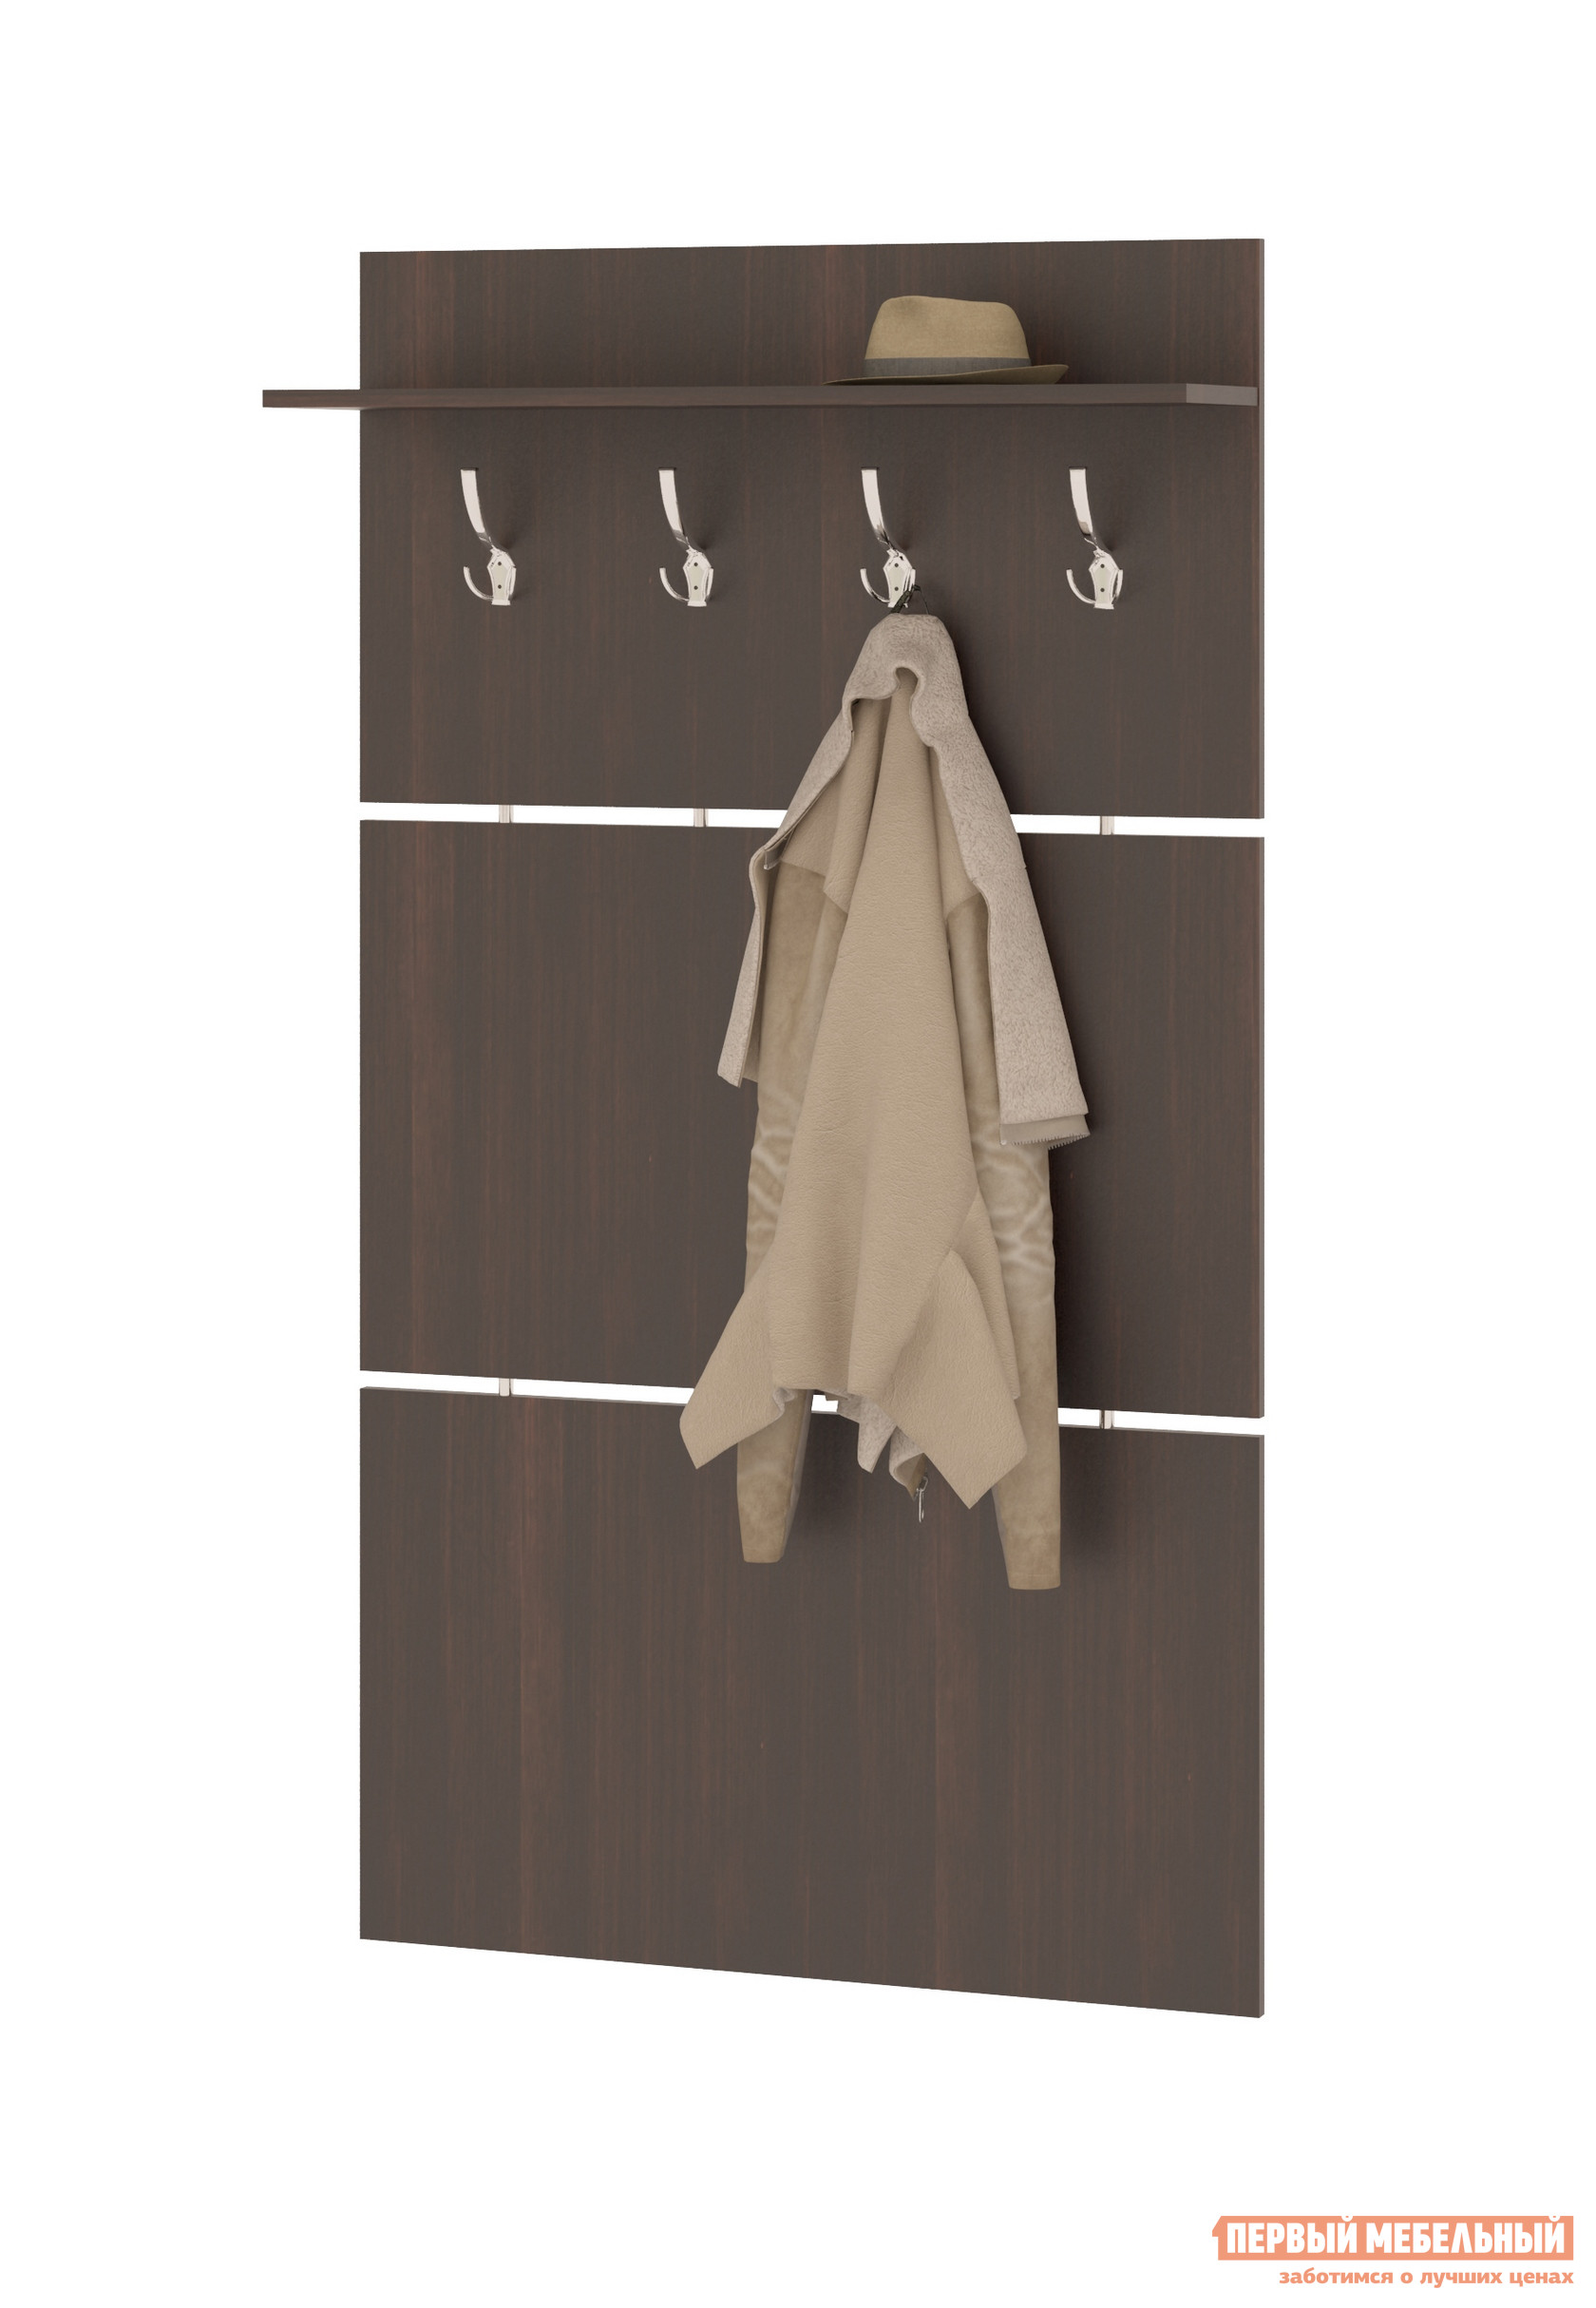 Настенная вешалка Сокол ВШ-3.1 ВенгеНастенные вешалки<br>Габаритные размеры ВхШхГ 1460x900x212 мм. Широкая навесная вешалка, выполненная в строгом стиле, позволит разместить сезонную одежду всей семьи.  Вешалка состоит из 3-х панелей соединенных металлическими  вставками.  На верхней панели располагается четыре 3-хрожковых крючка для одежды. Полка, закрепленная над крючками, предназначена специально для головных уборов и зонтов.  Максимальная нагрузка на полку составляет 5кг. Вешалка изготовлена из высококачественной ДСП 16мм, края отделаны кромкой ПВХ 0. 4мм.  Рекомендуем сохранить инструкцию по сборке (паспорт изделия) до истечения гарантийного срока.<br><br>Цвет: Венге<br>Высота мм: 1460<br>Ширина мм: 900<br>Глубина мм: 212<br>Кол-во упаковок: 1<br>Форма поставки: В разобранном виде<br>Срок гарантии: 2 года<br>Материал: Дерево<br>С полкой: Да